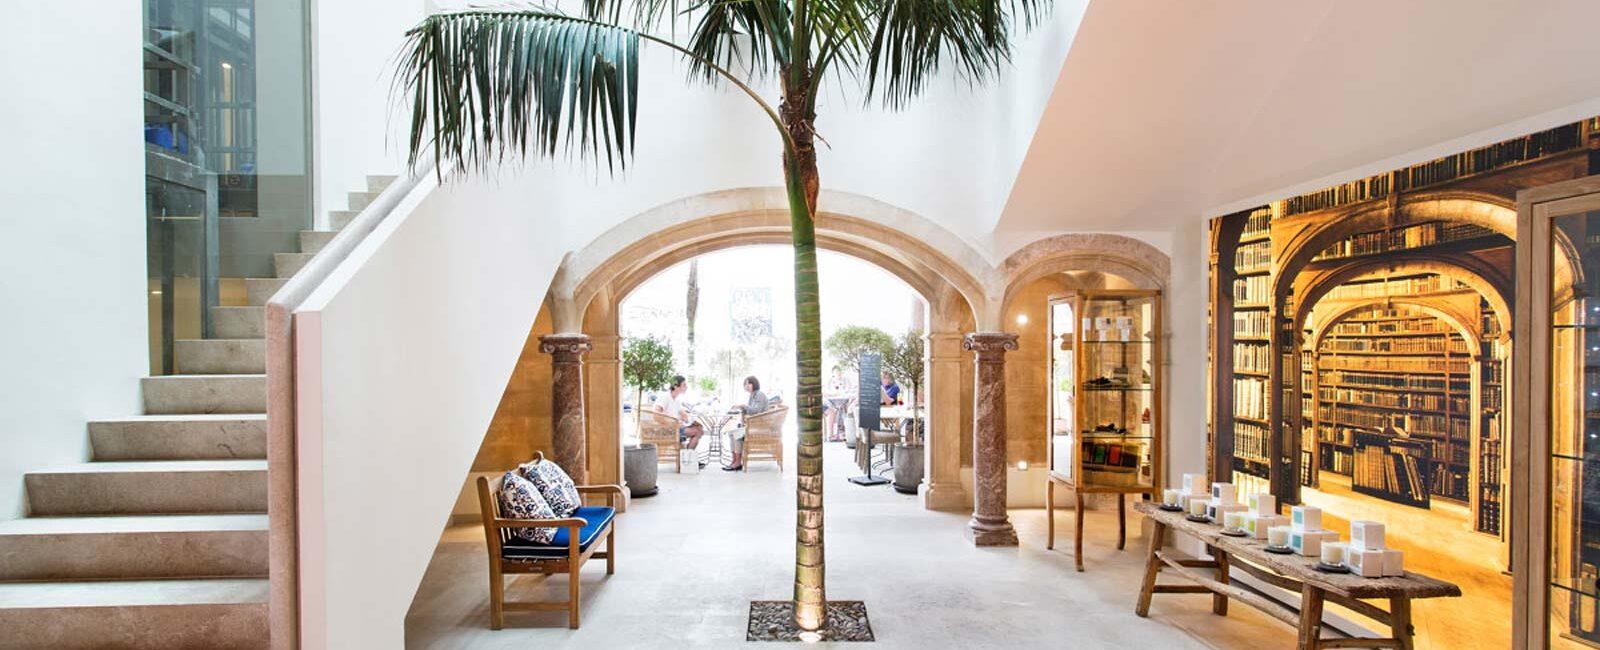 8 negozi di design a Palma di Maiorca